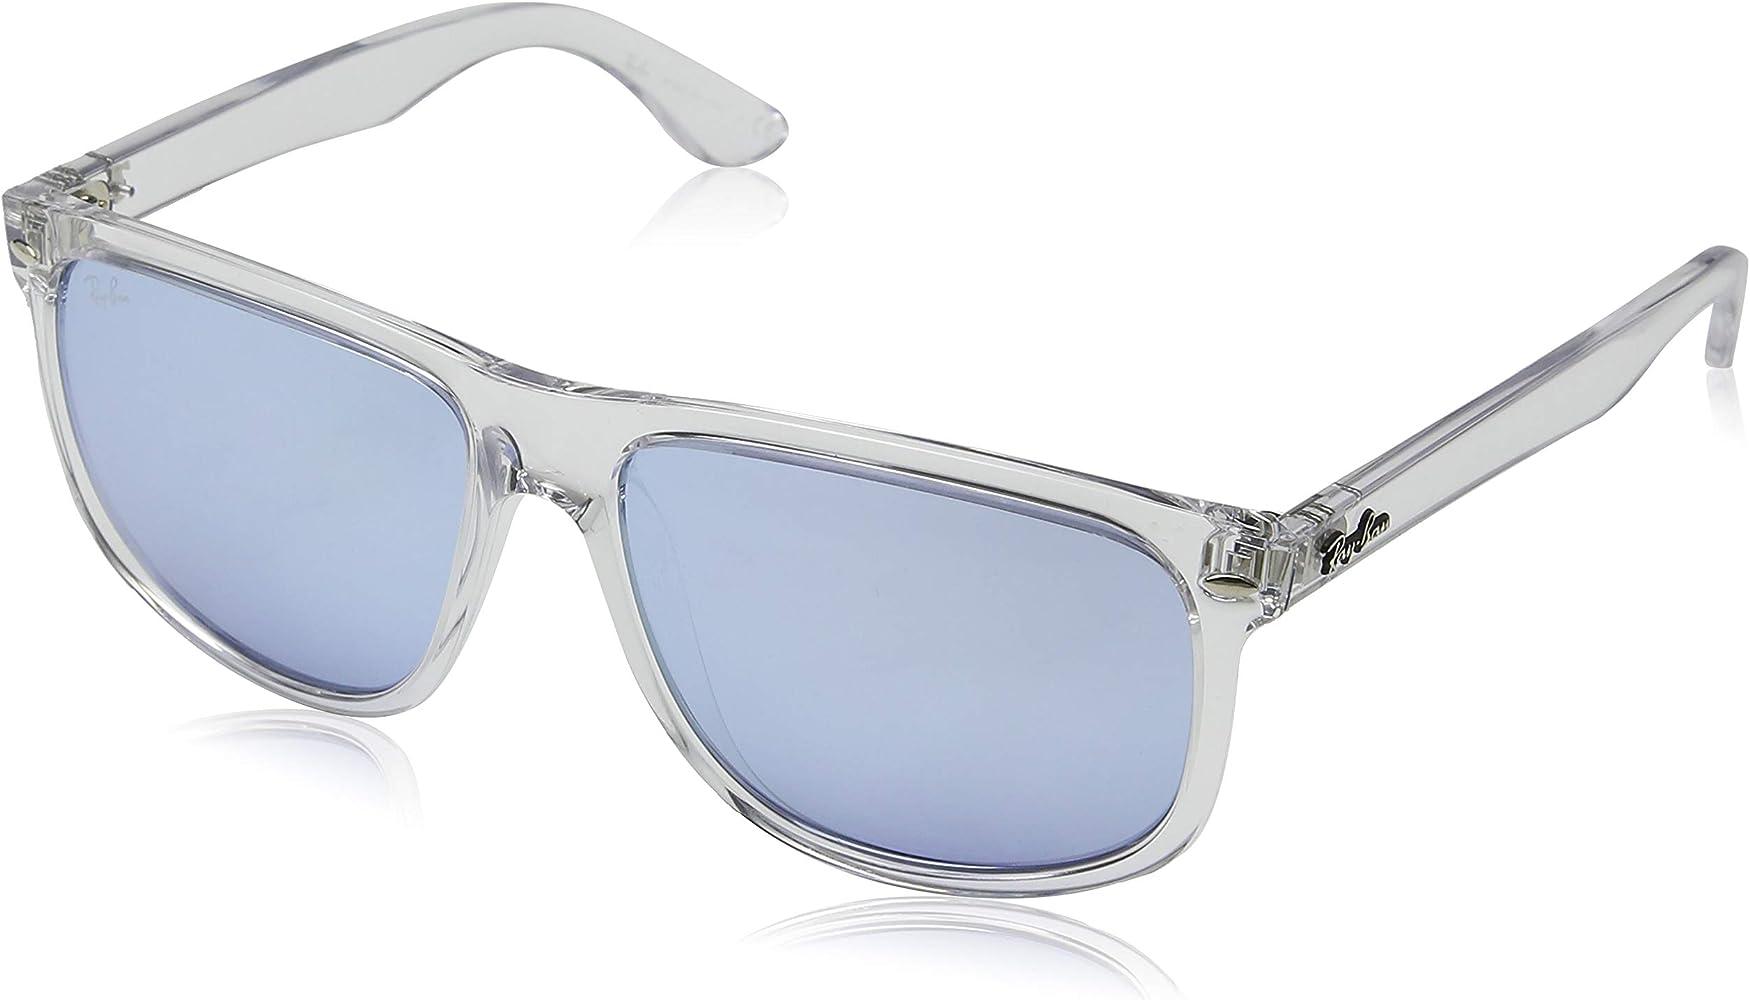 Amazon.com: Gafas de sol cuadradas Ray-Ban: Clothing